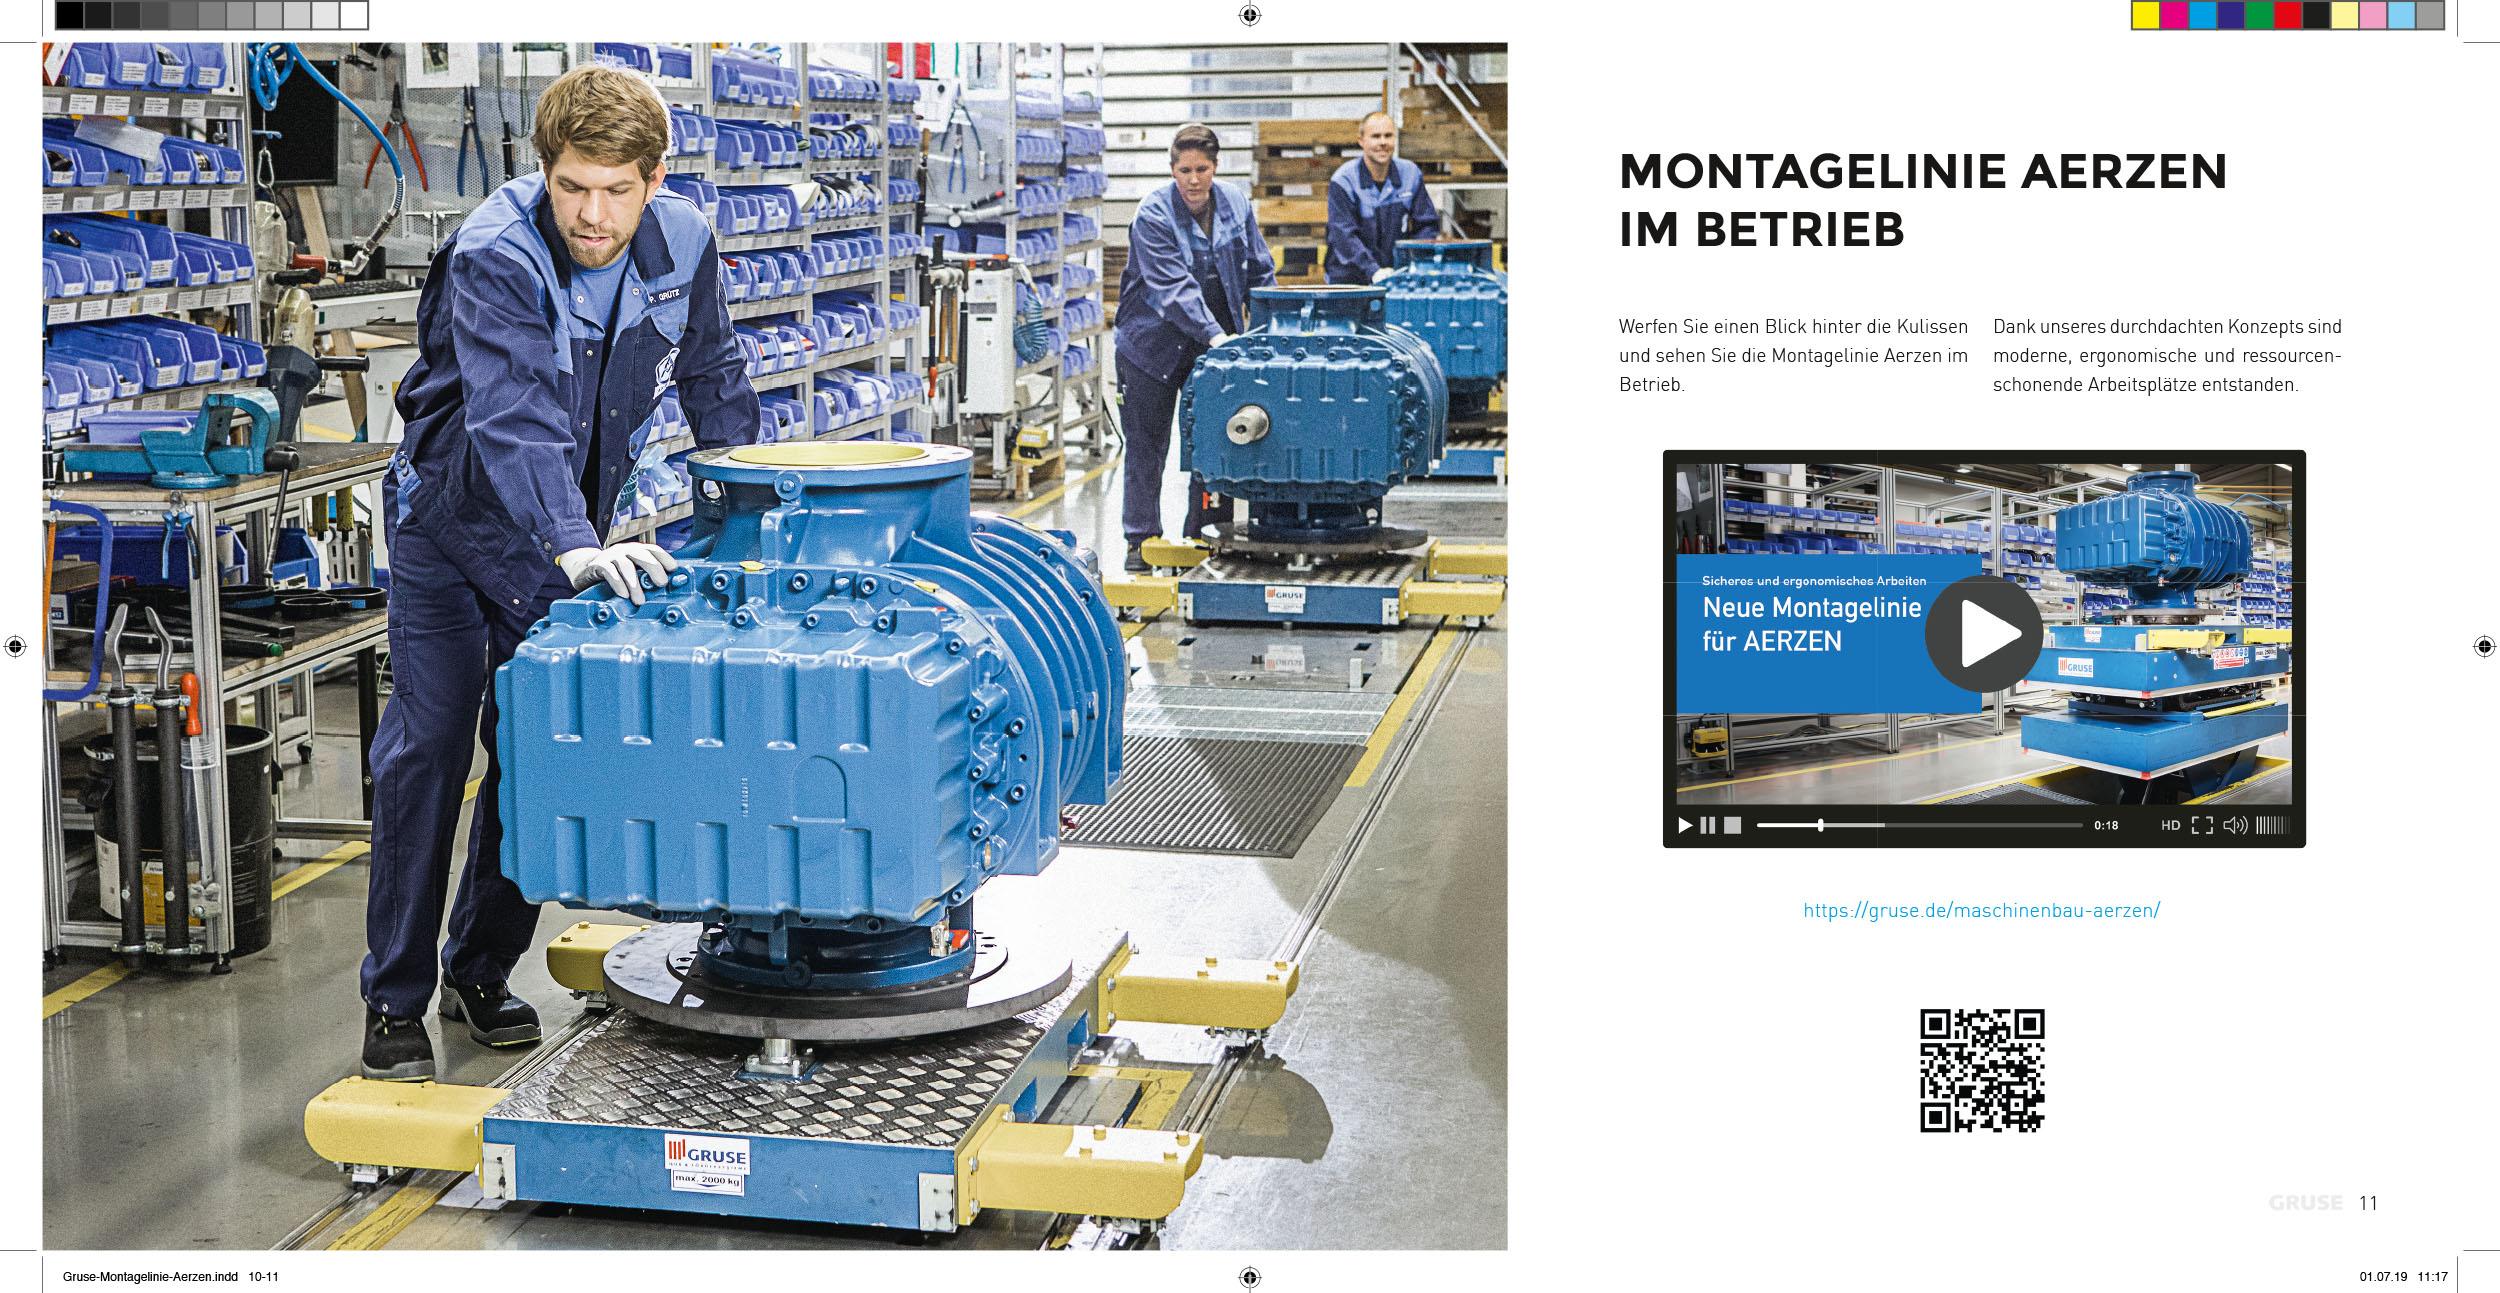 Domaene-zwei-Montagelinie_10-11.jpg